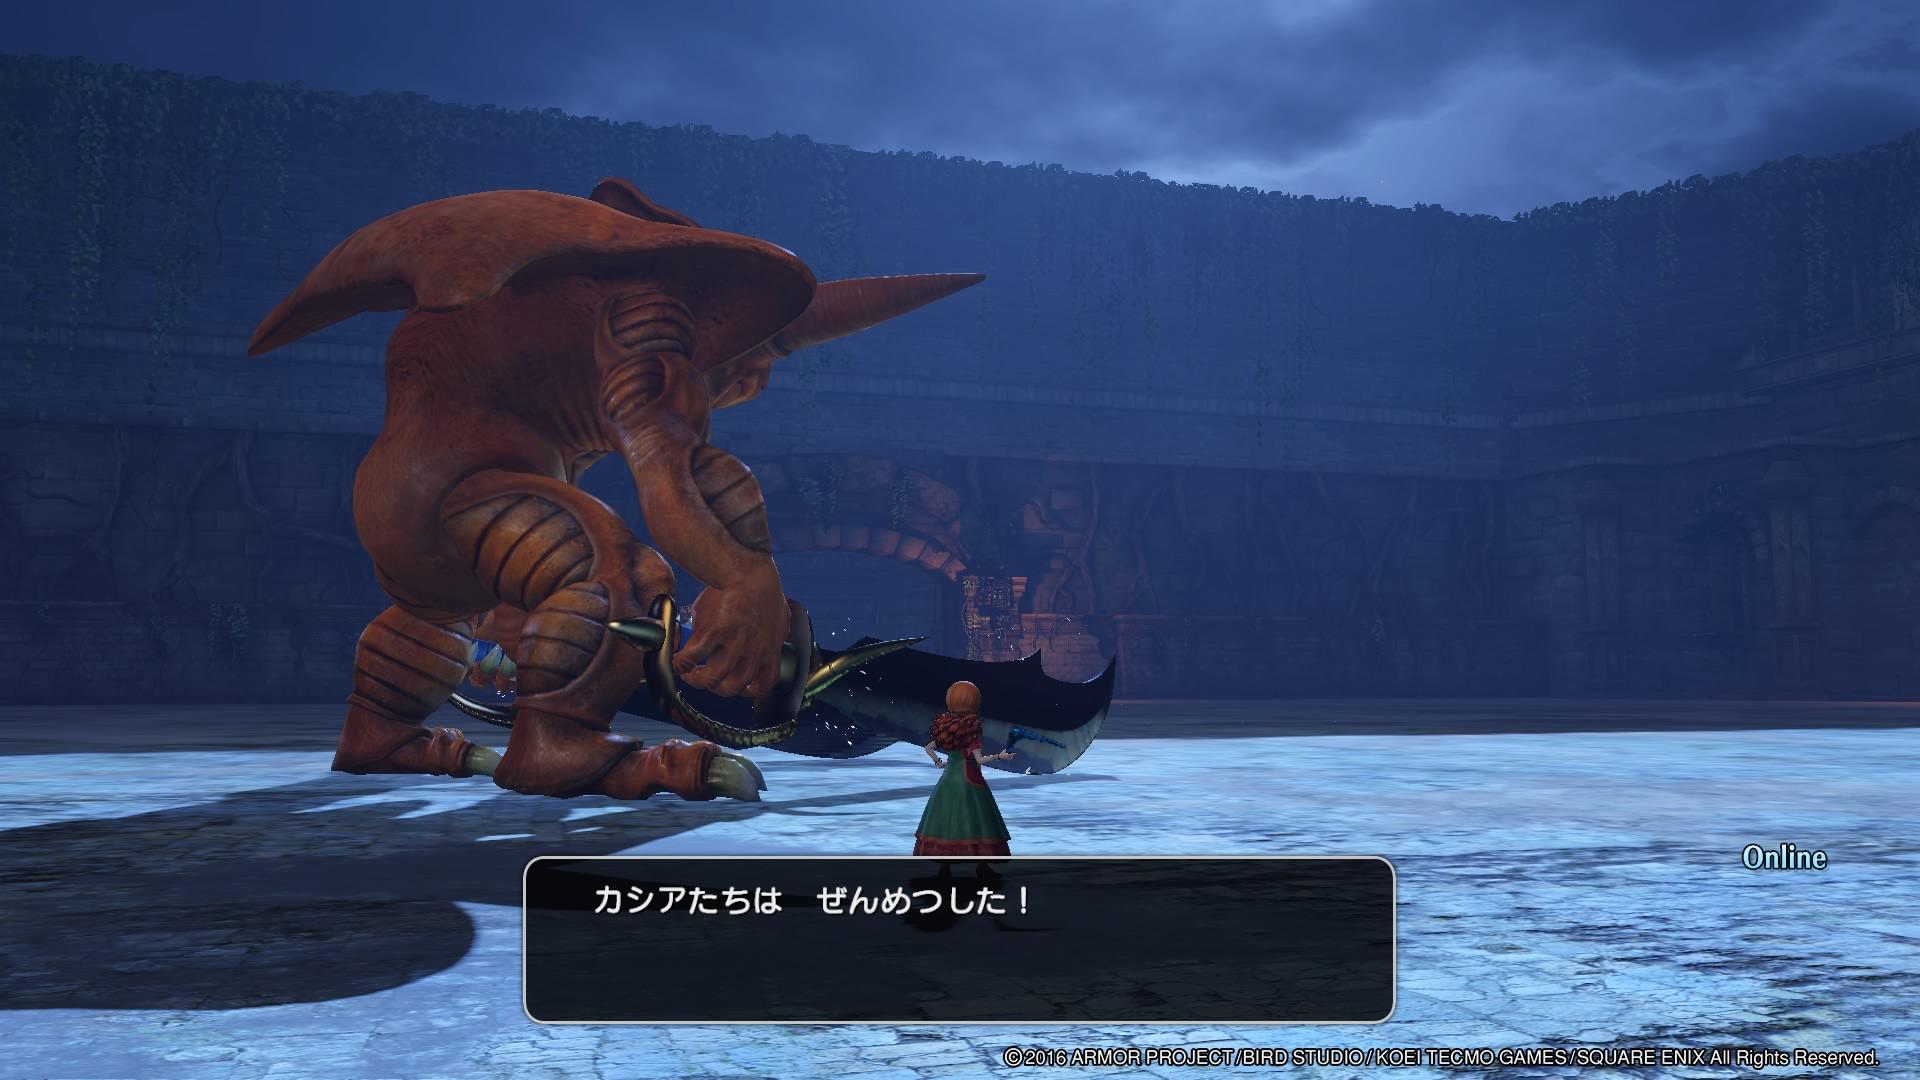 ドラゴンクエストヒーローズⅡ 双子の王と予言の終わり_20160613185103